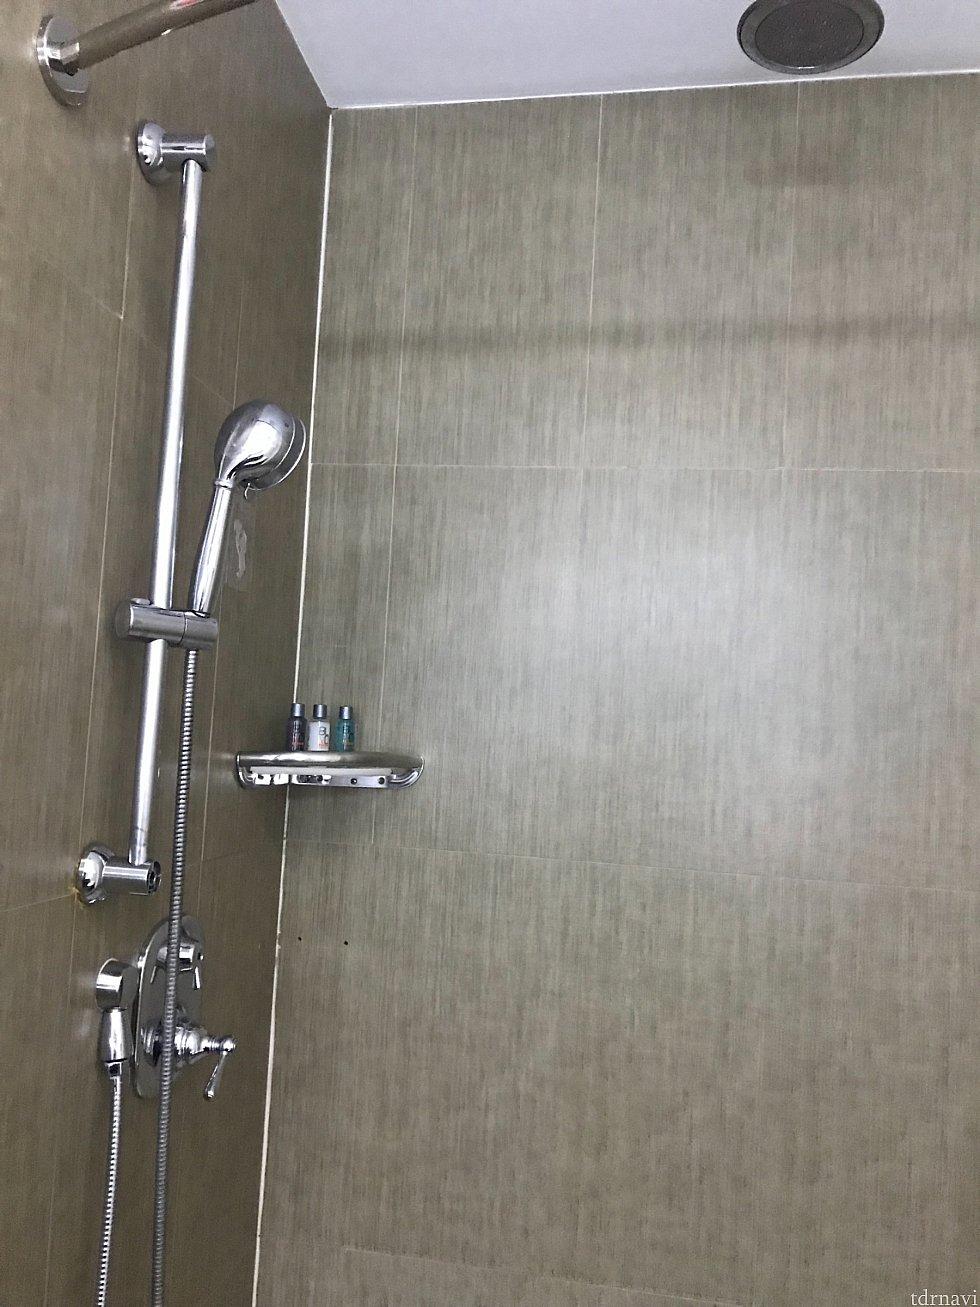 天井に固定シャワーと、手持ちのシャワーが2つありました。手持ちのシャワーヘッドで水圧を変えられます。